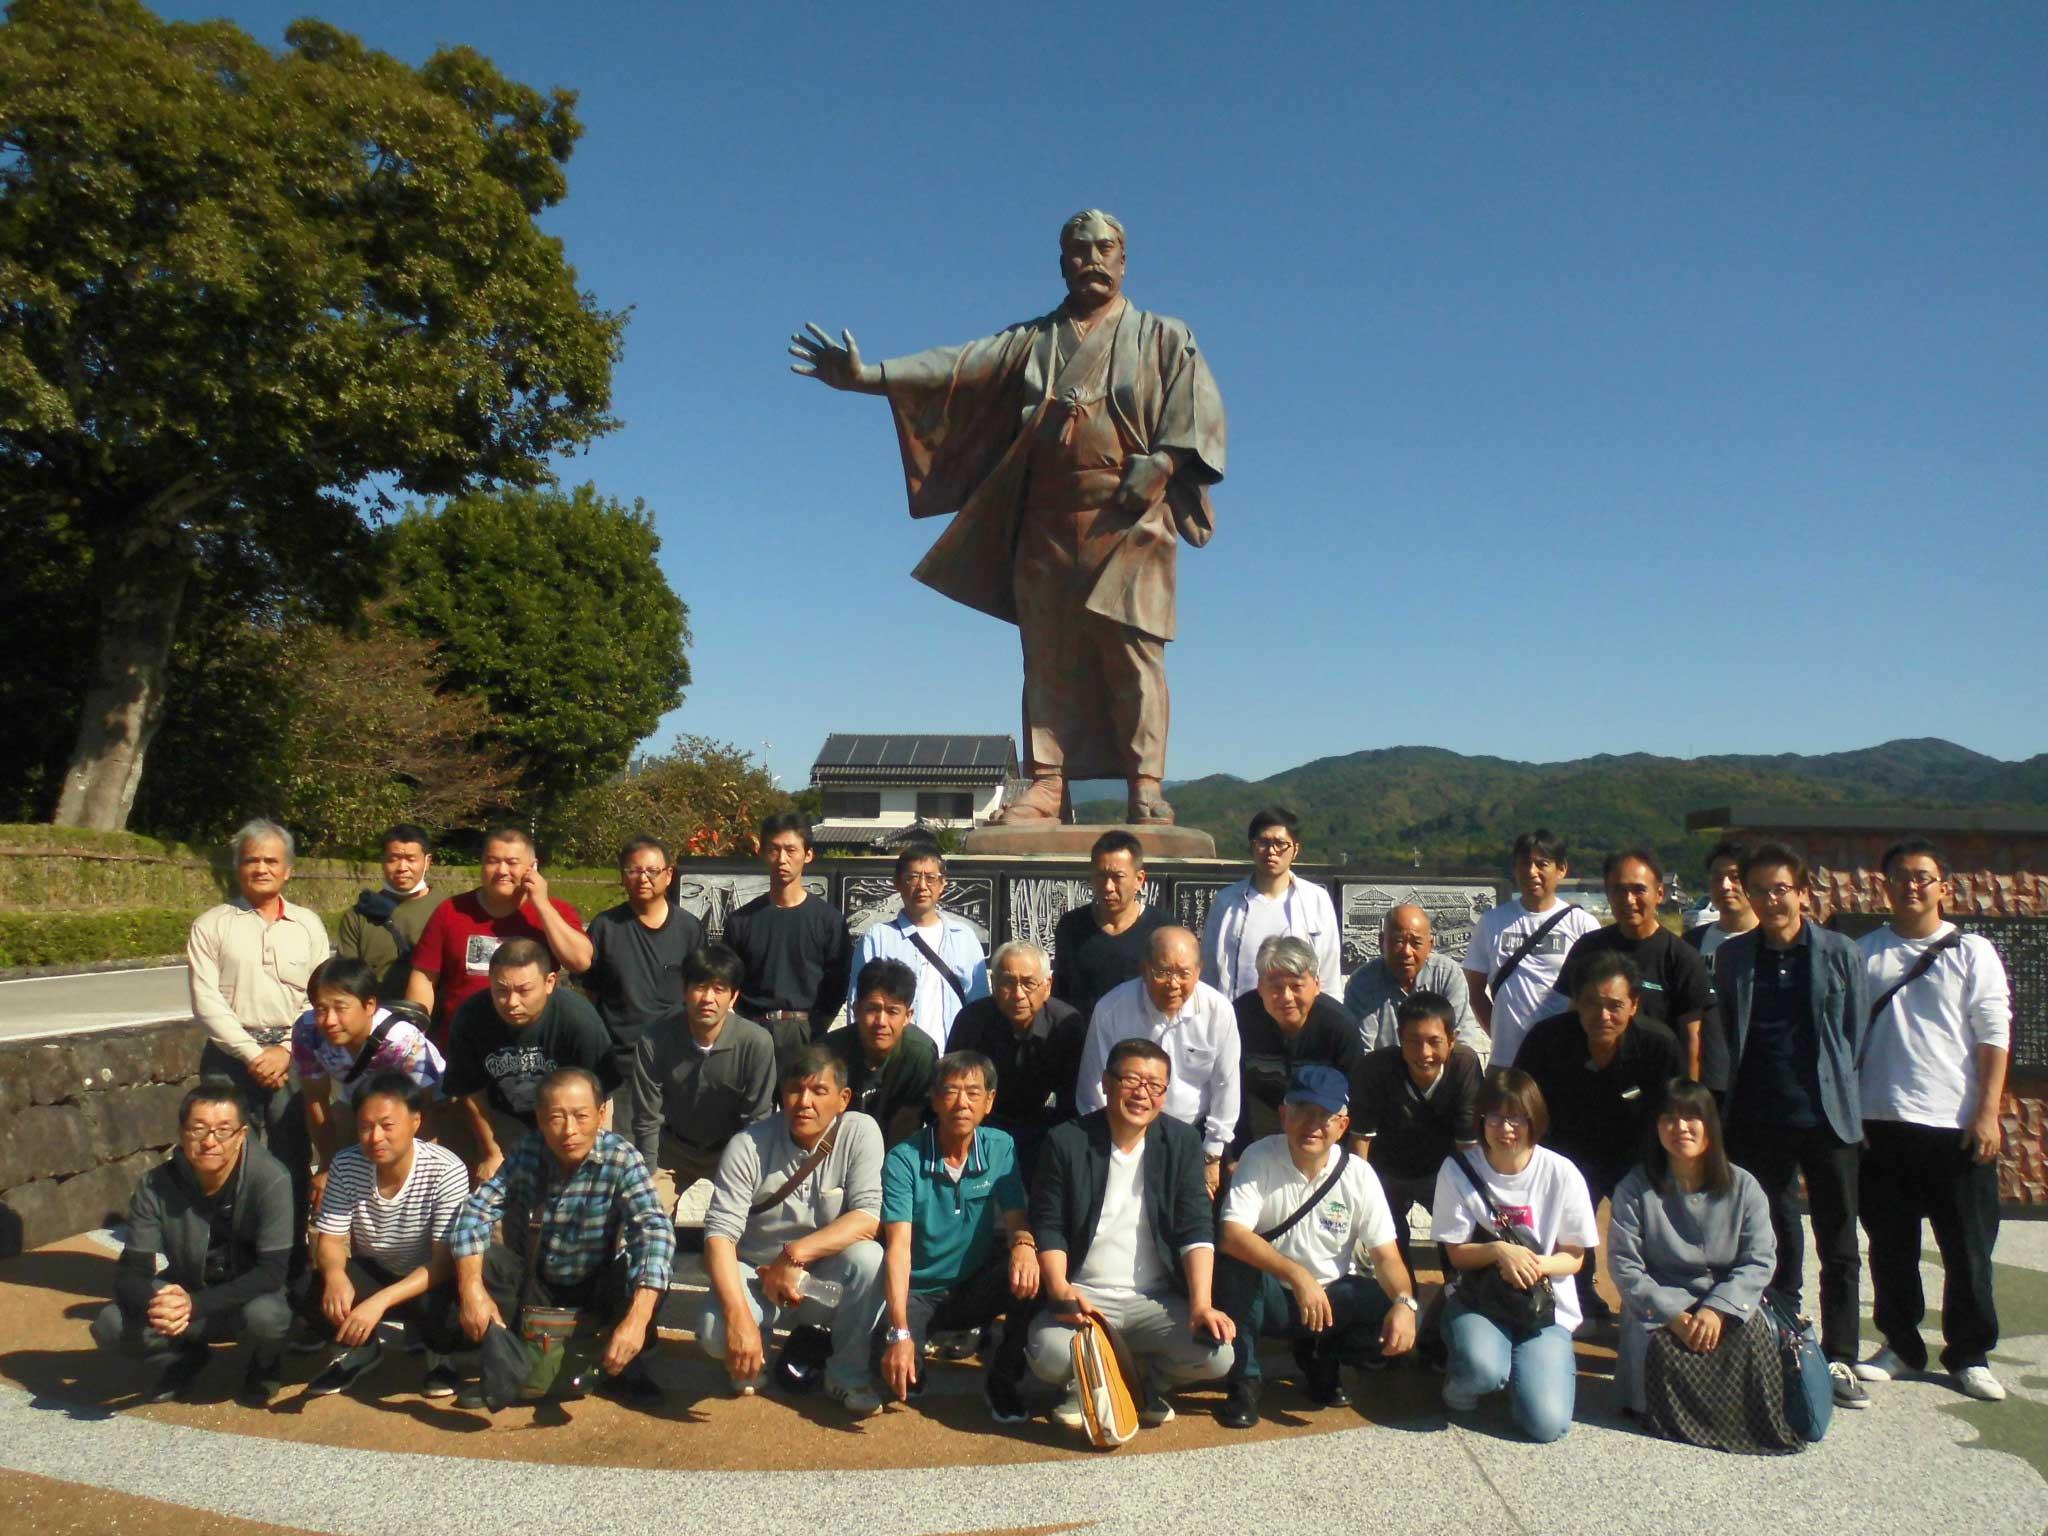 岩崎弥太郎銅像前